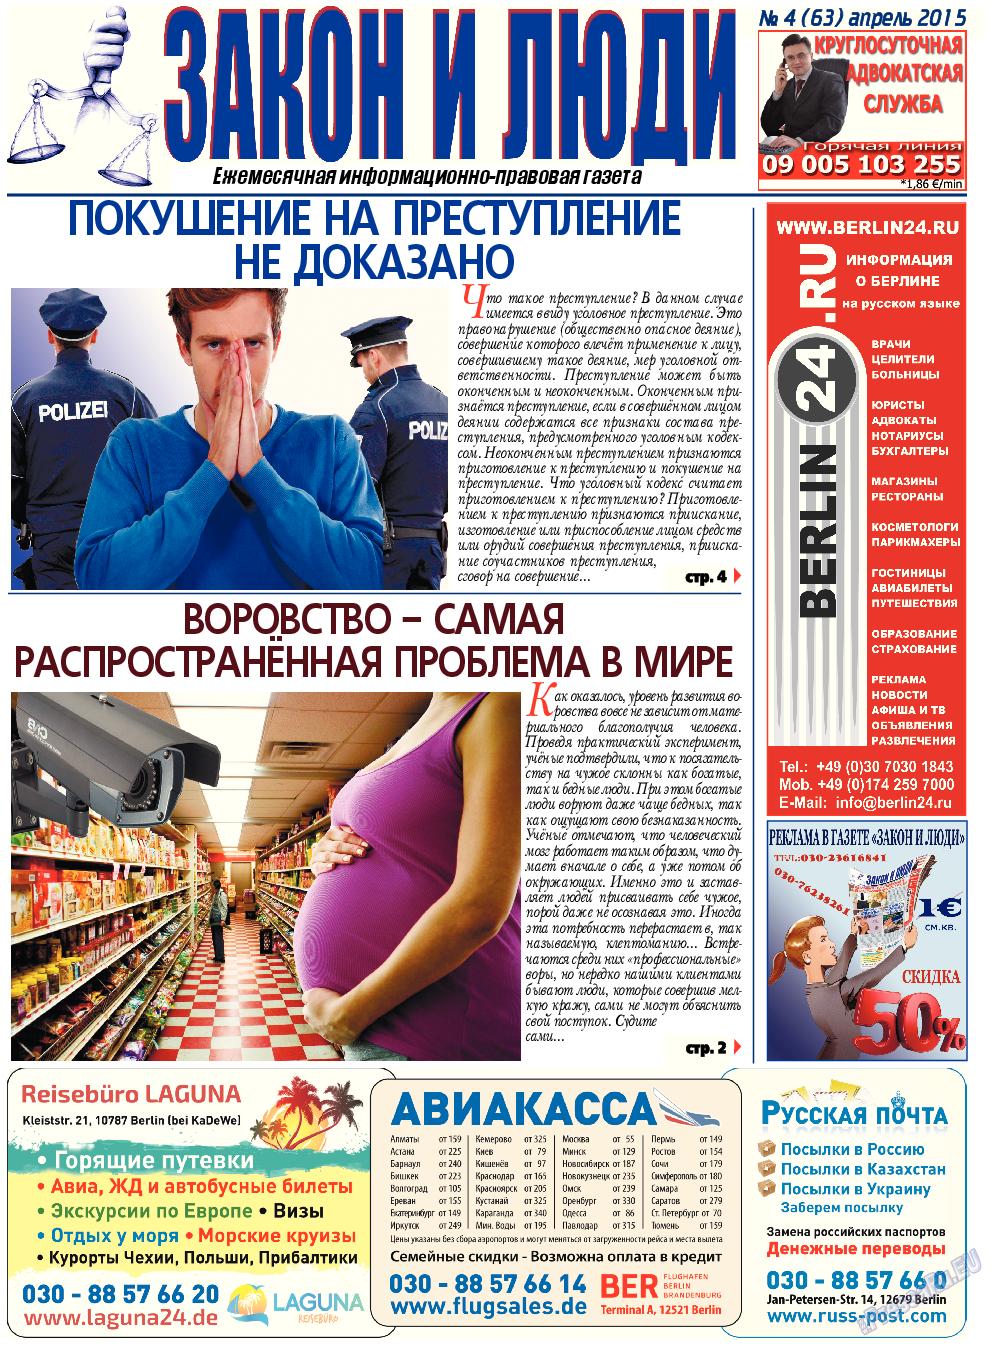 Закон и люди (газета). 2015 год, номер 4, стр. 1